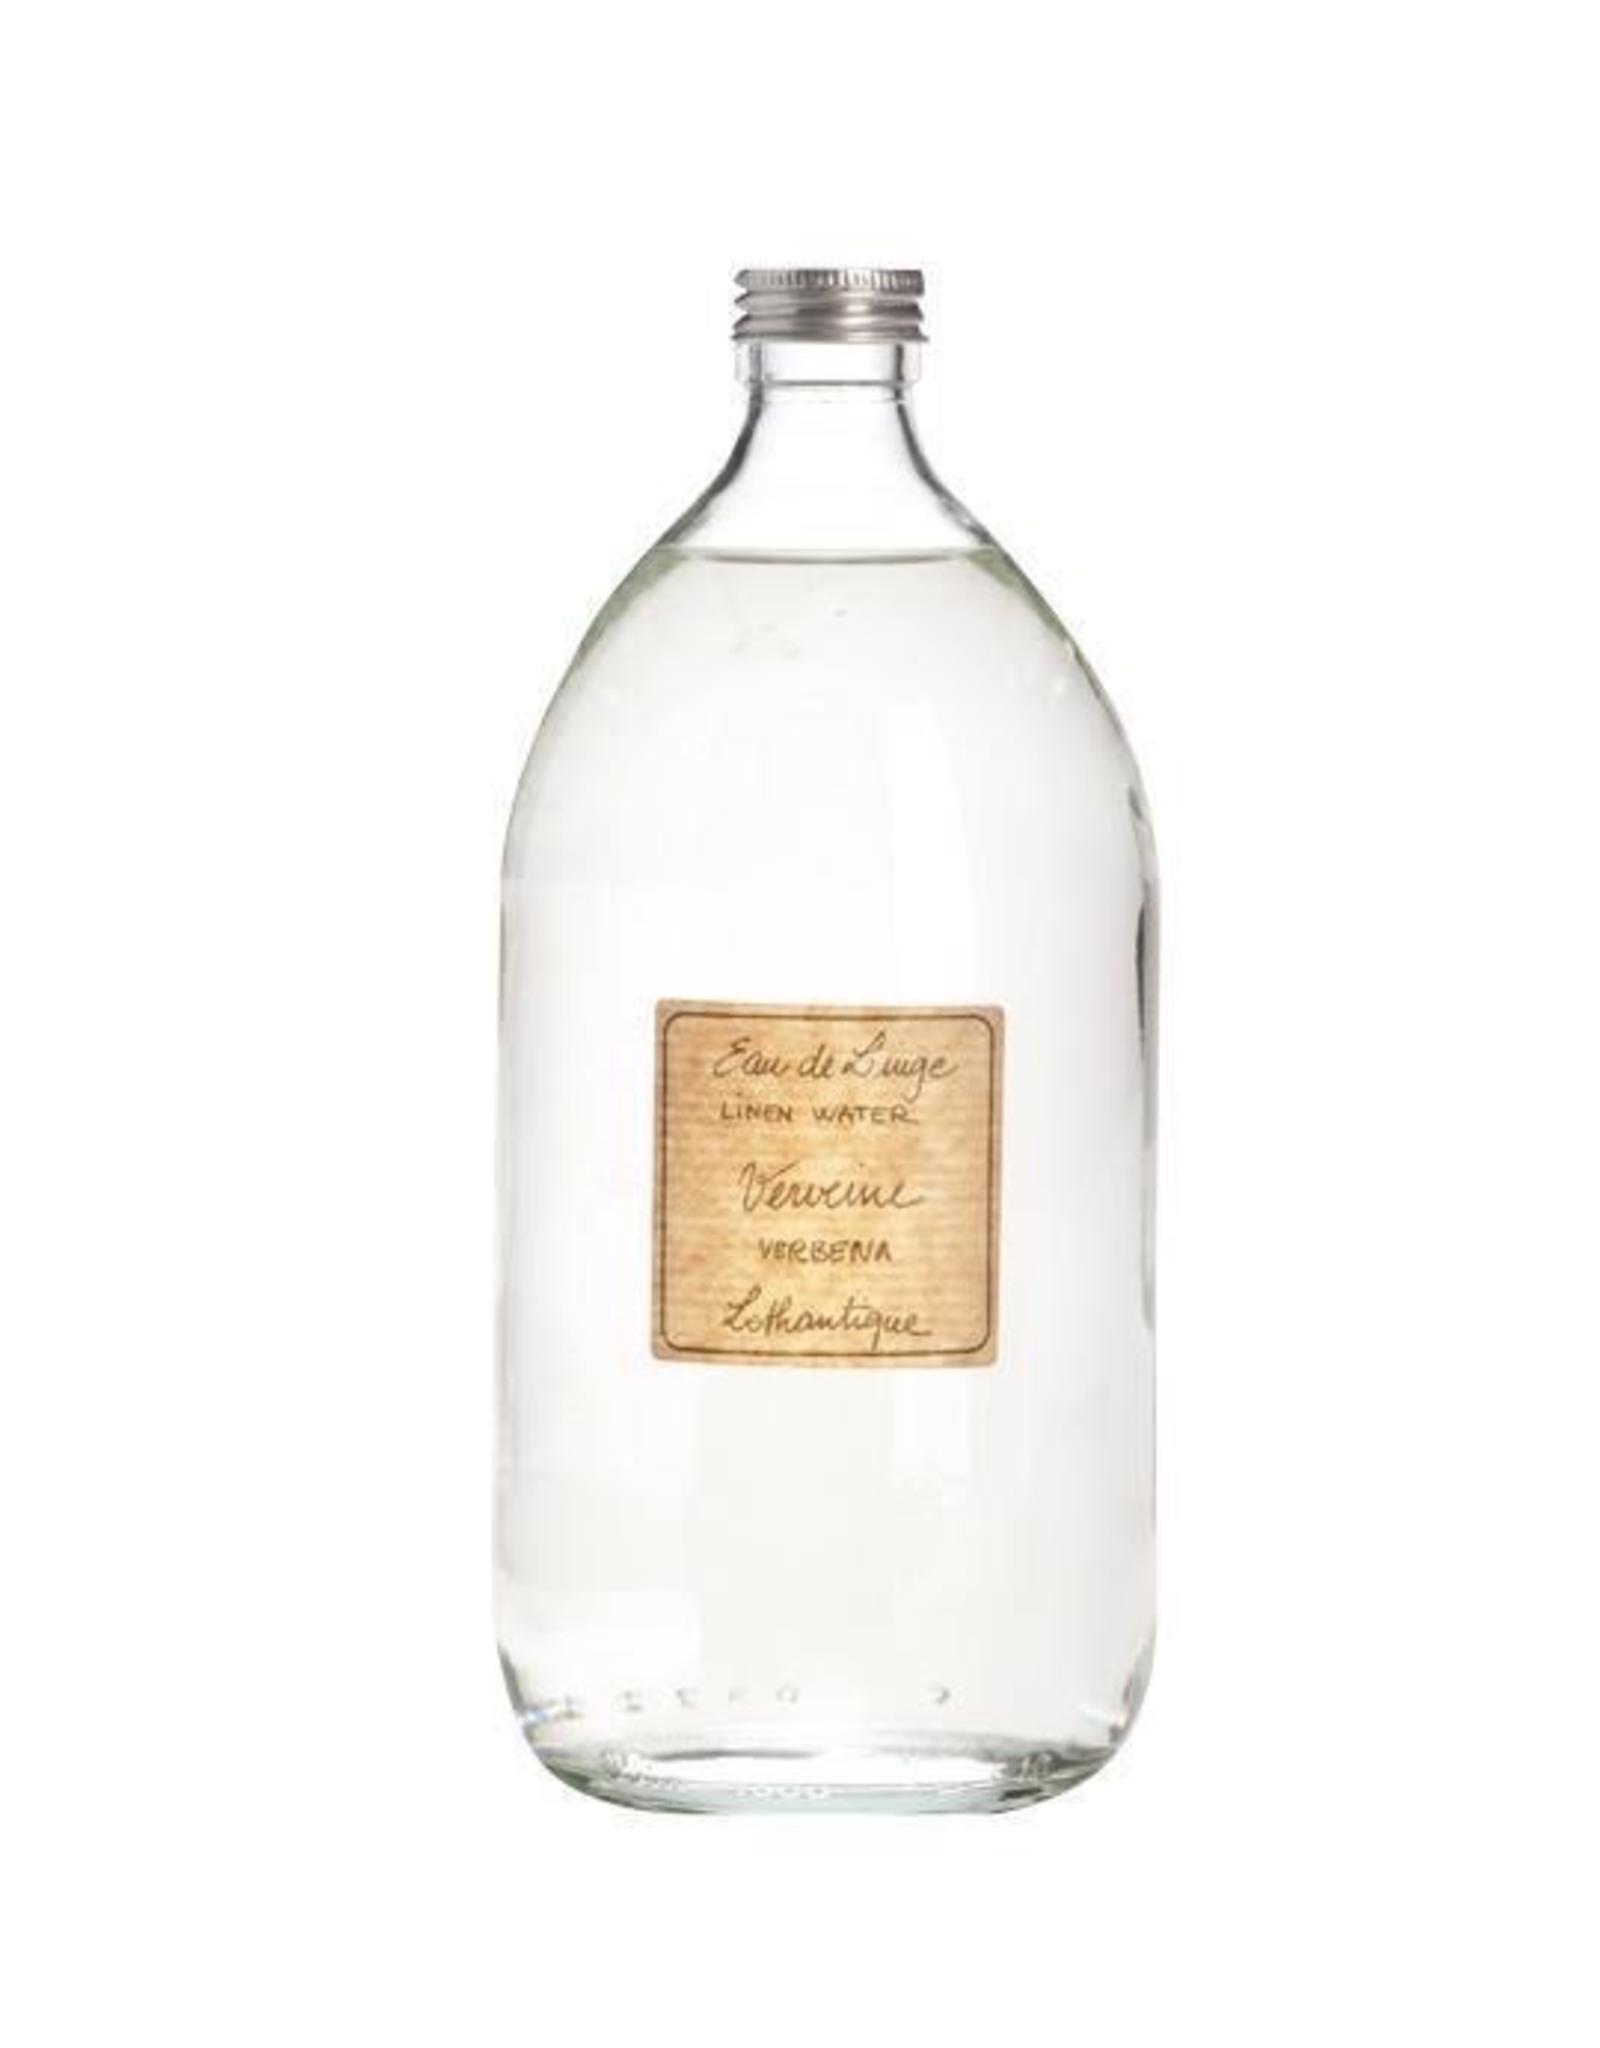 Linen Water, Verbena